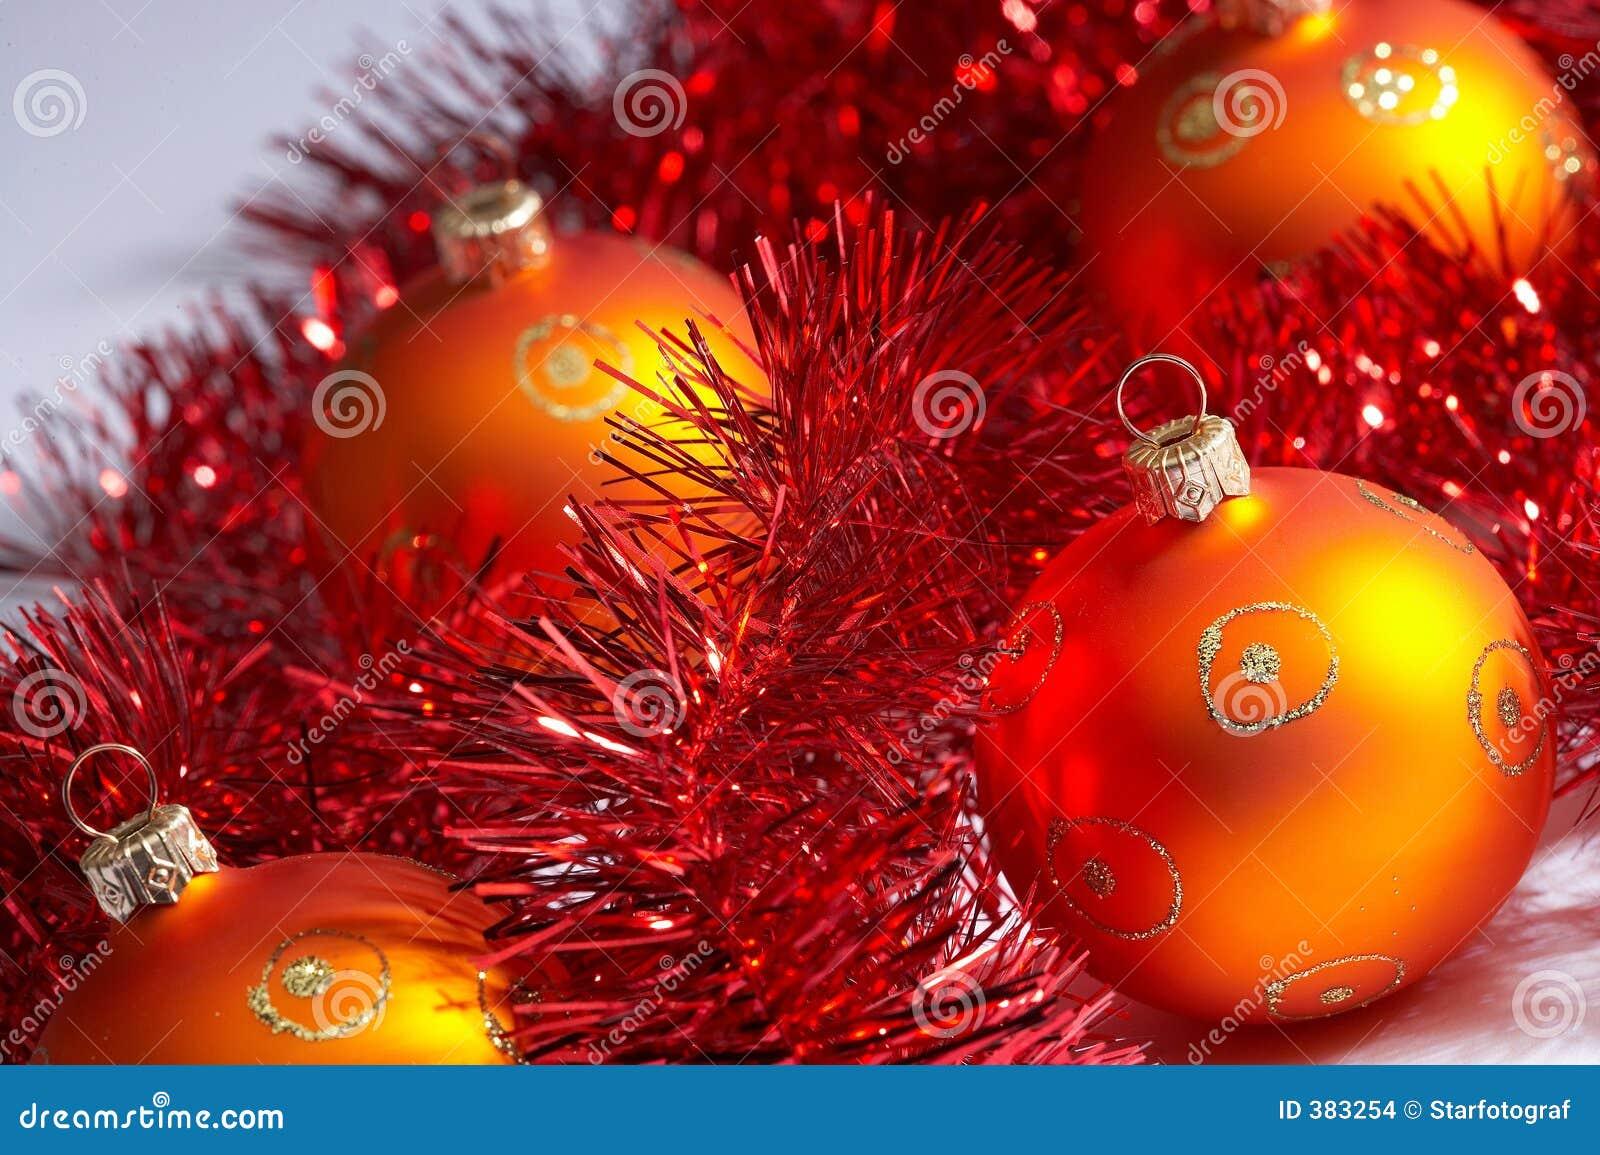 Christmas tree balls with tinsel weihnachstkugeln mit